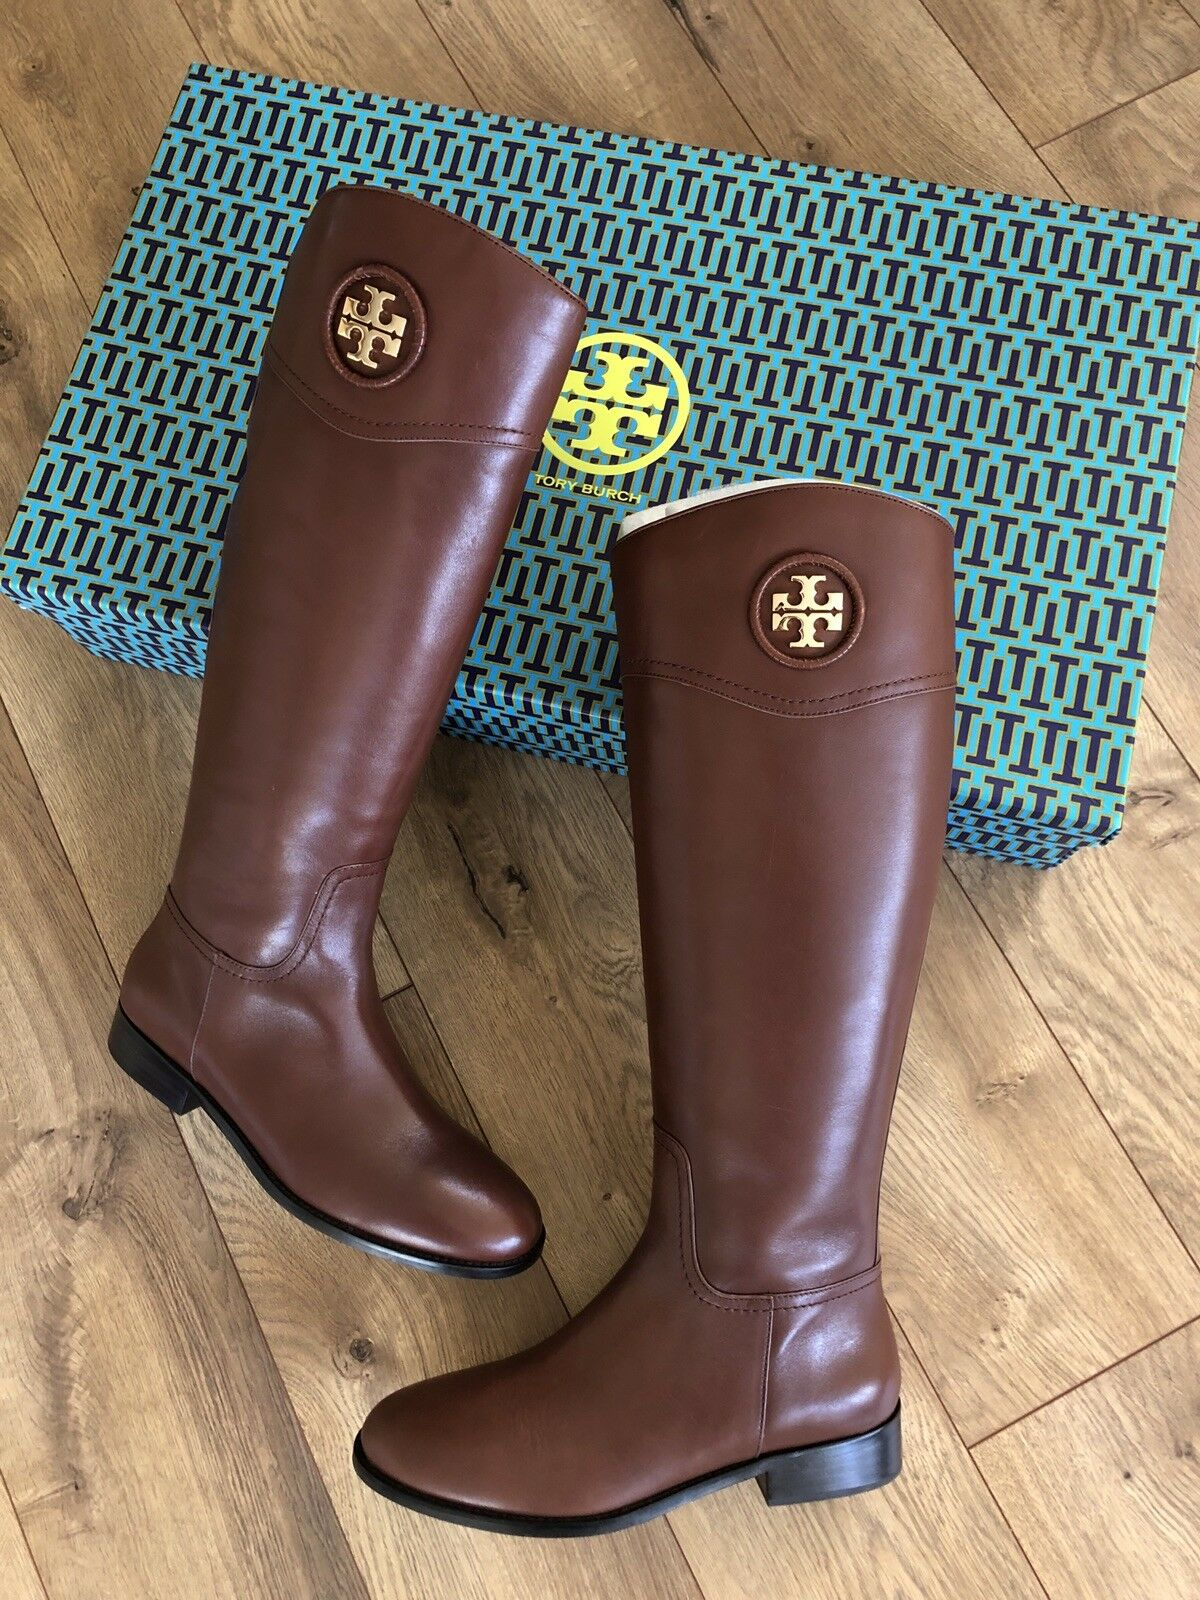 NIB Tory Burch Ashlynn Venus Leather Riding Boot High Boots Almond Brown 9.5M